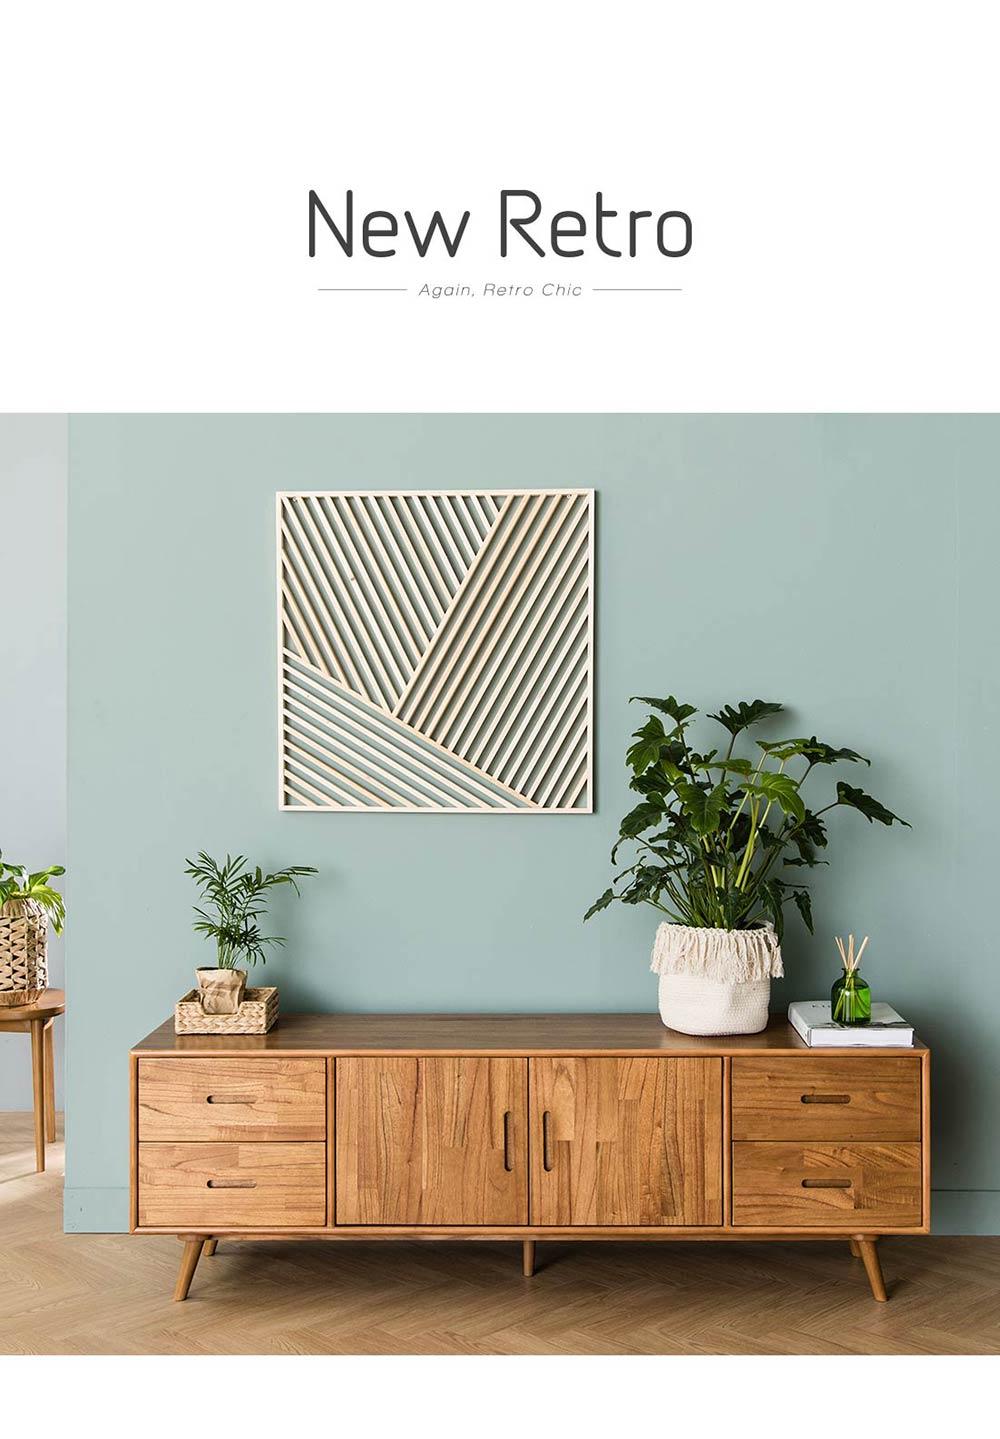 New_Retro_TV_Console_Scenery_1_Furniture_Online_Singapore_born_in_colour